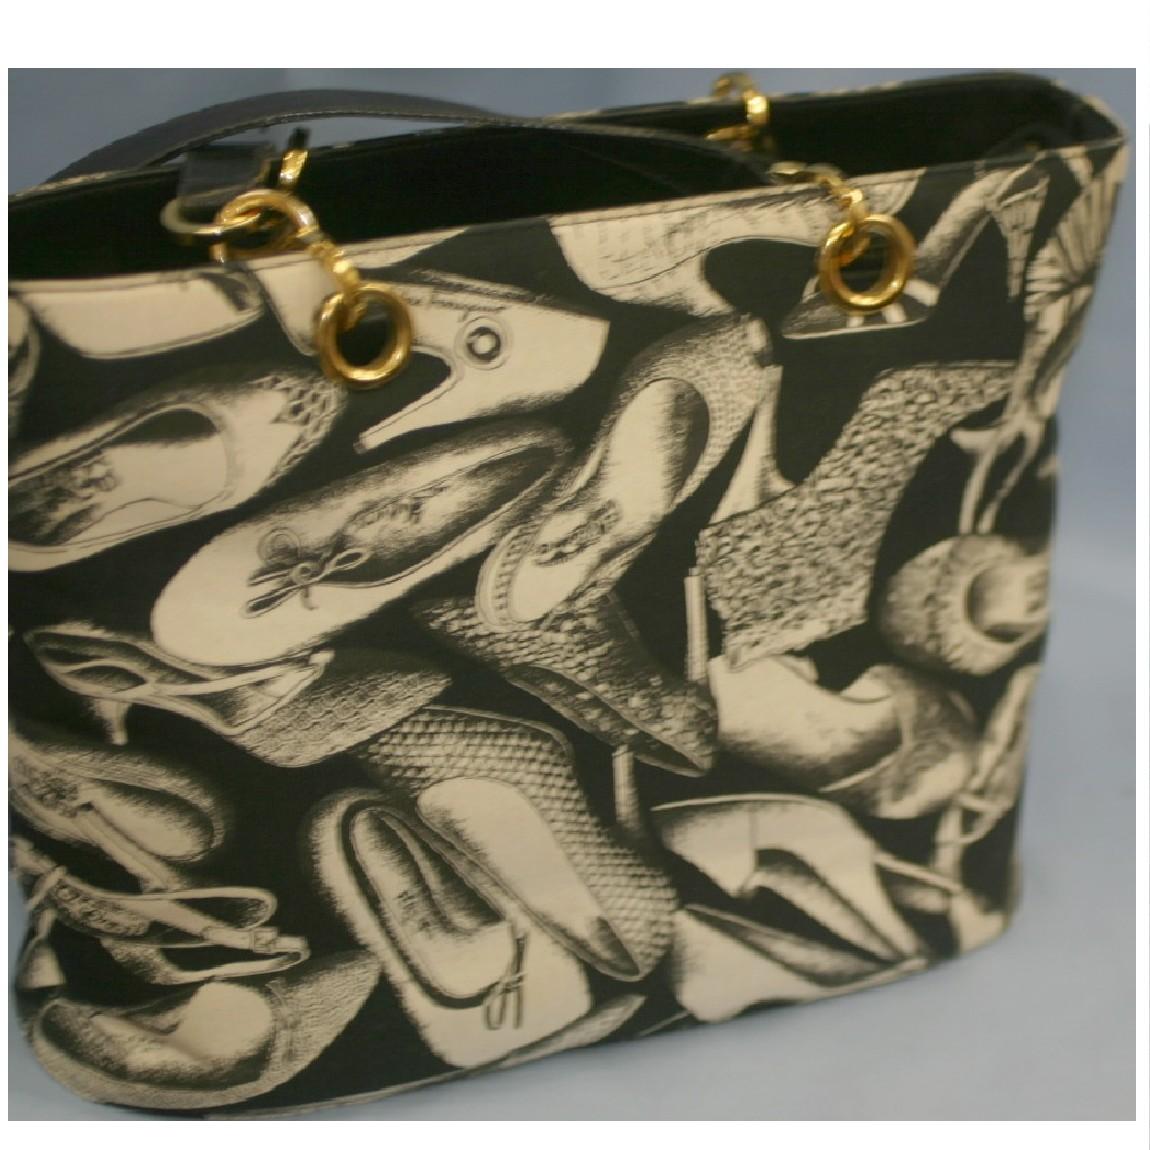 【中古】本物美品フェラガモ女性用黒地に沢山の靴の絵29センチショルダ-ト-ト